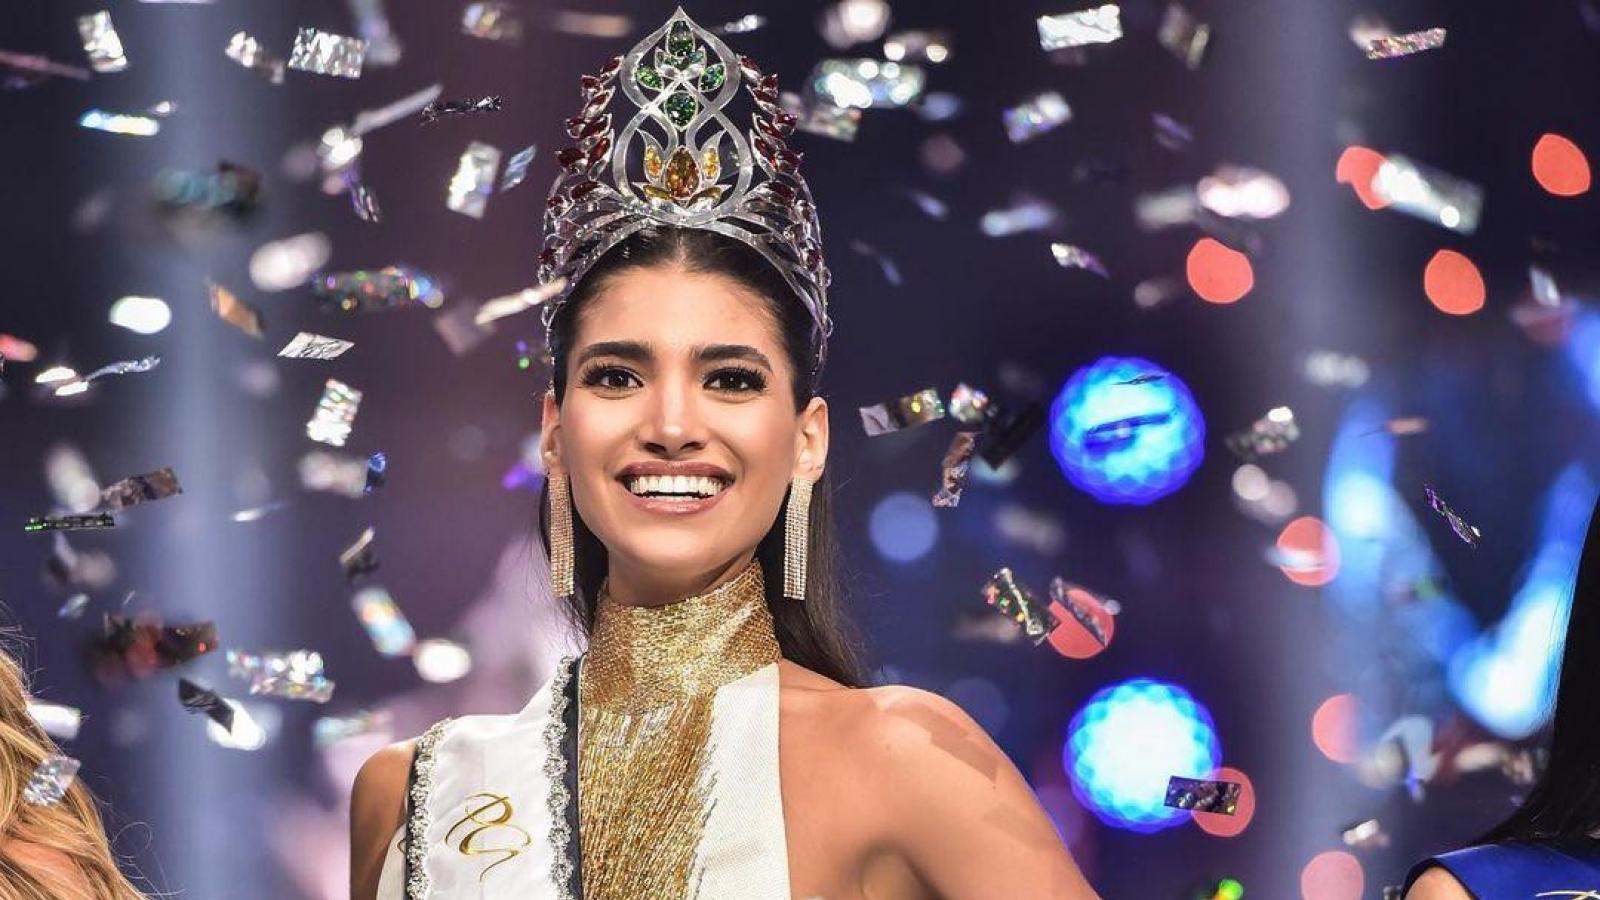 Người đẹp cao 1m80 đăng quang Hoa hậu Hoàn vũ Bolivia